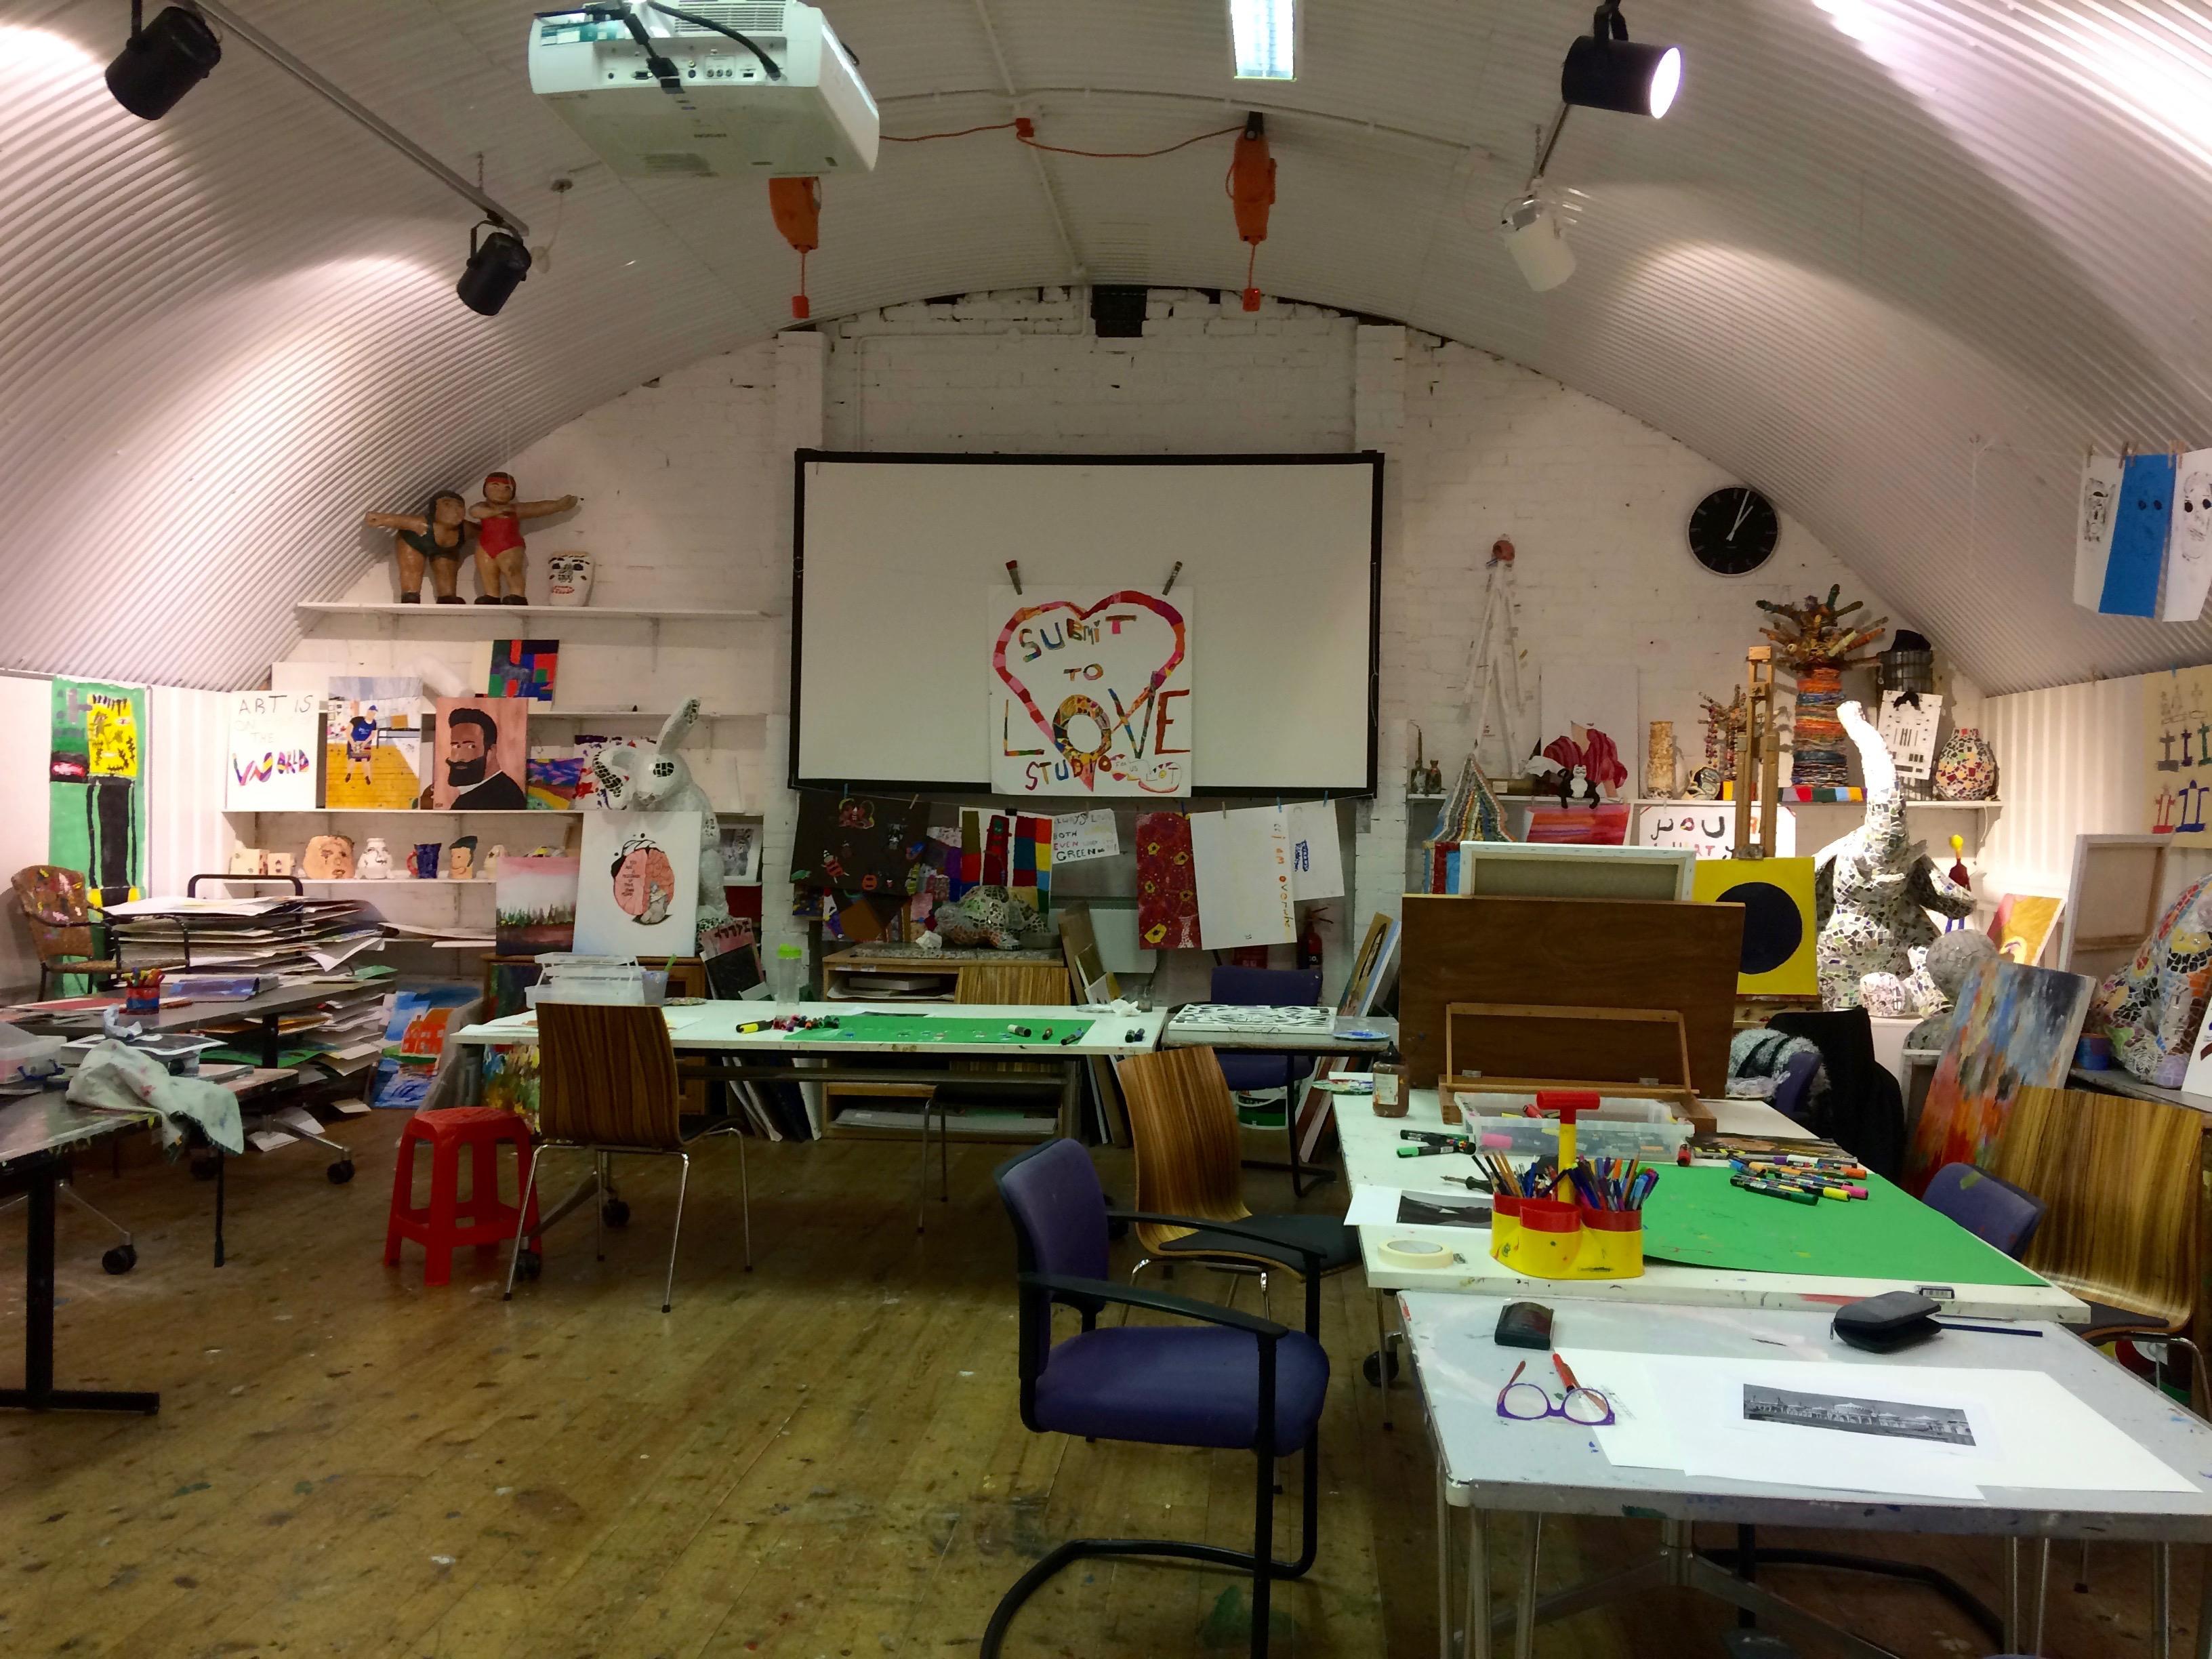 Art studio run by Headway East London | Eastlondonlines